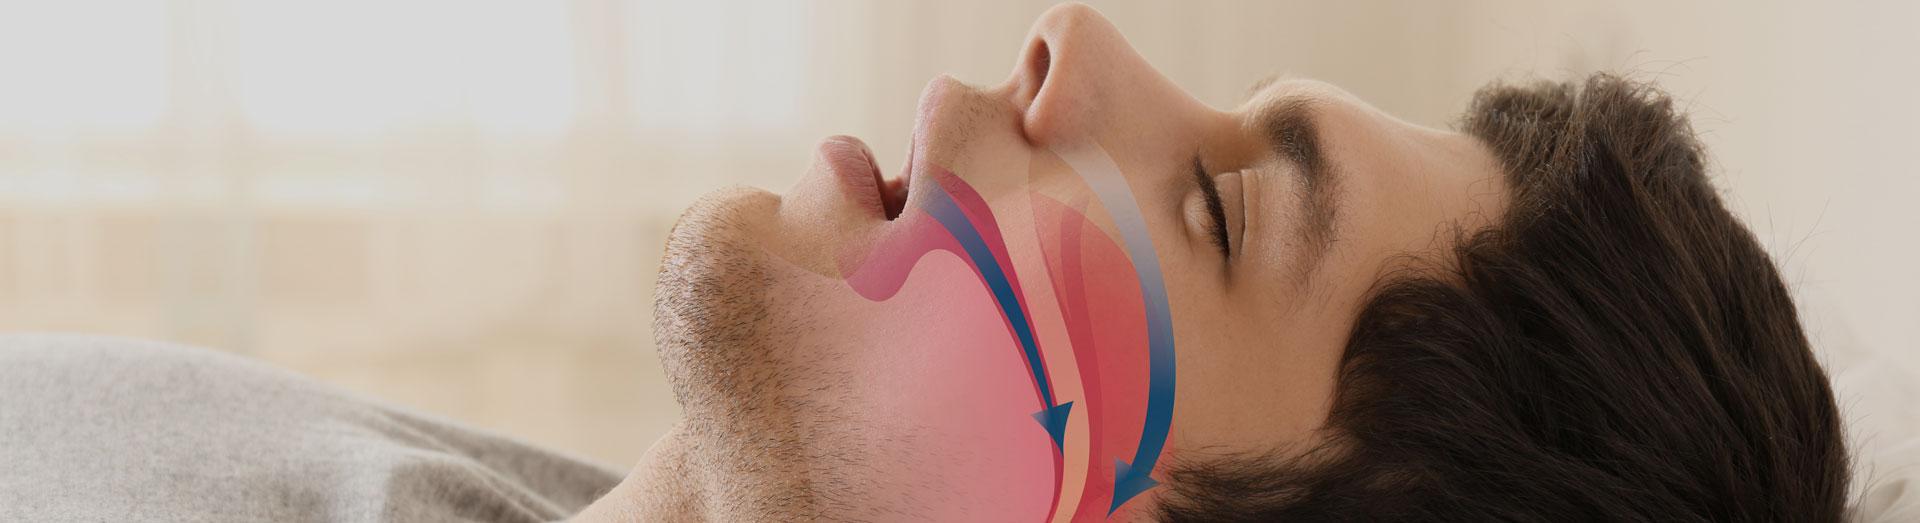 Illustration of man suffering from sleep apnea